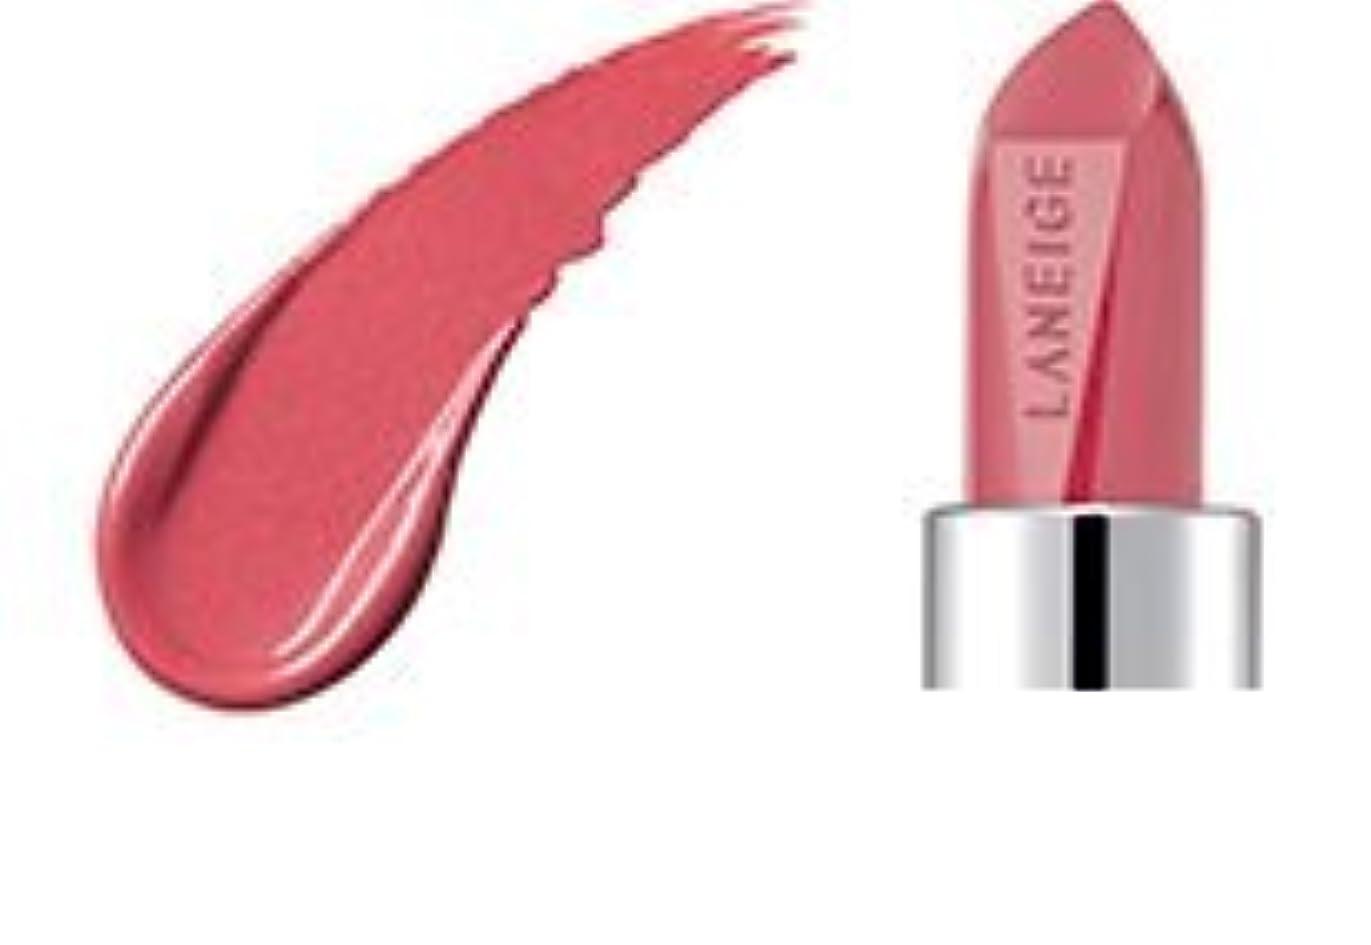 むしろ樹皮累計[2017 Renewal] LANEIGE Silk Intense Lipstick 3.5g/ラネージュ シルク インテンス リップスティック 3.5g (#430 Pink Garden) [並行輸入品]